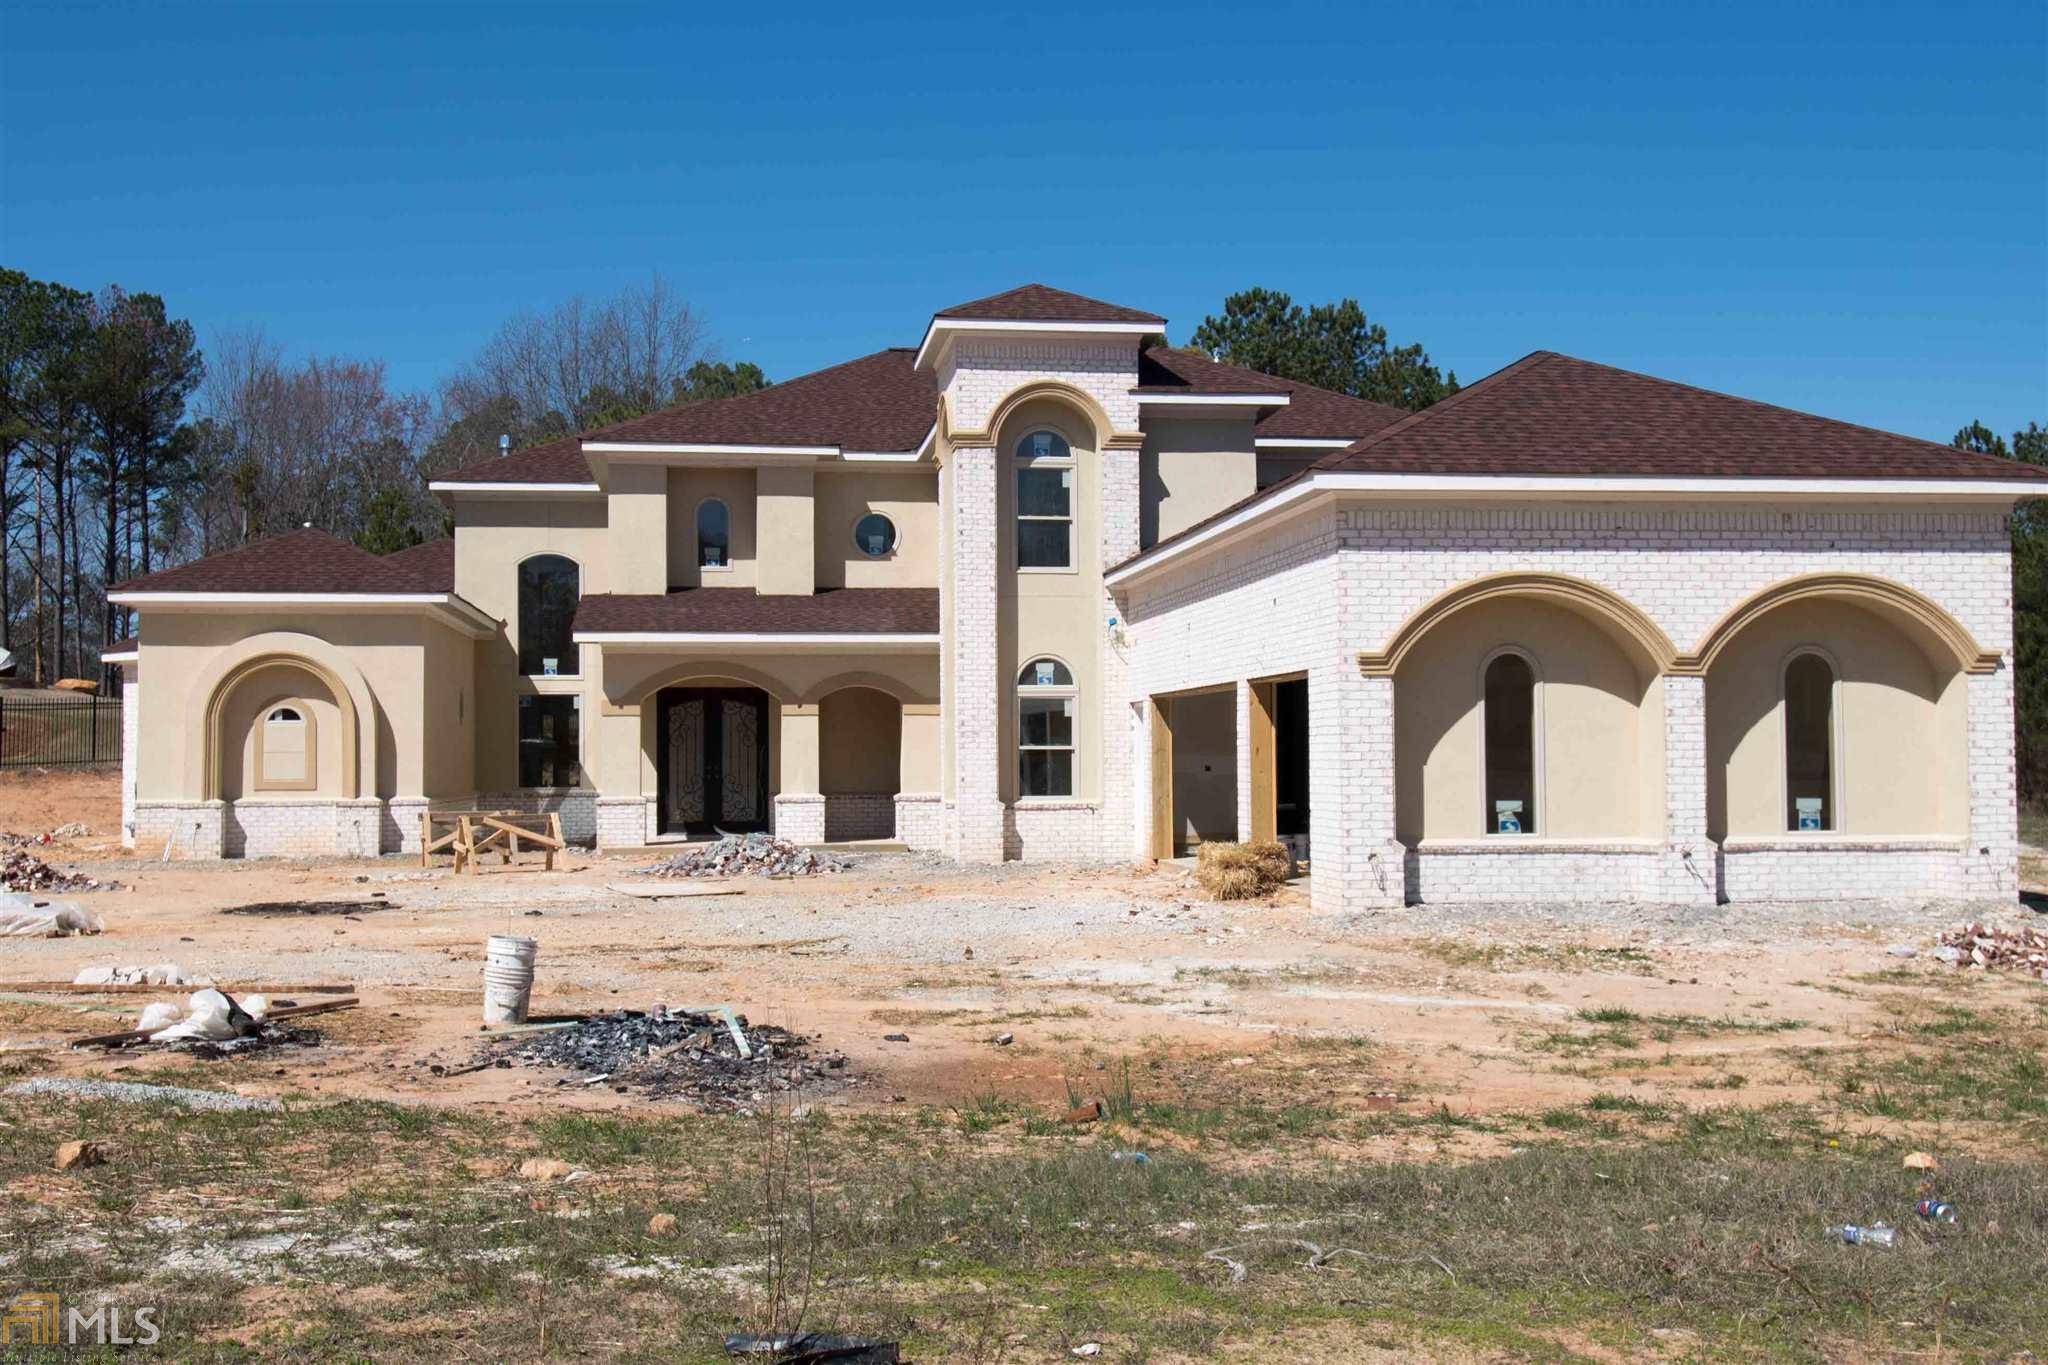 Homes for sale in Stockbridge GA